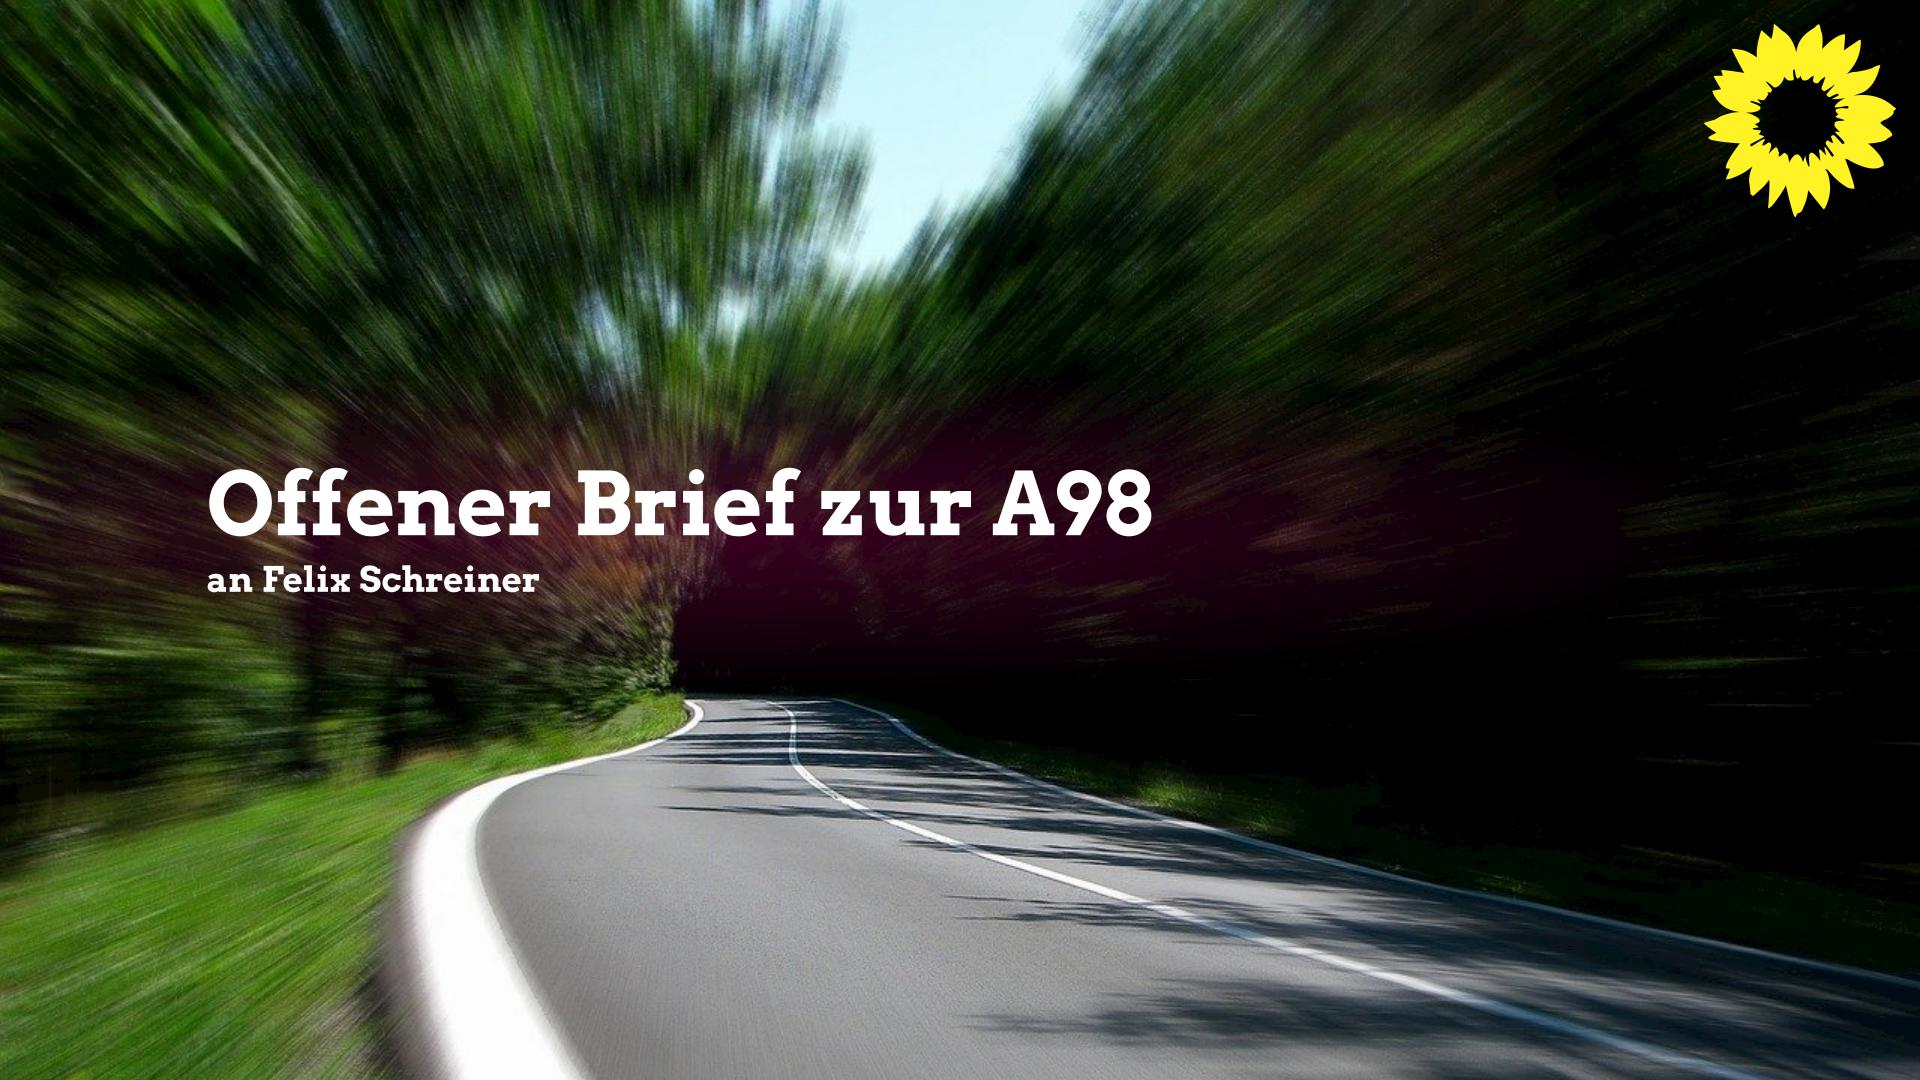 Offener Brief  zur A98 an Felix Schreiner